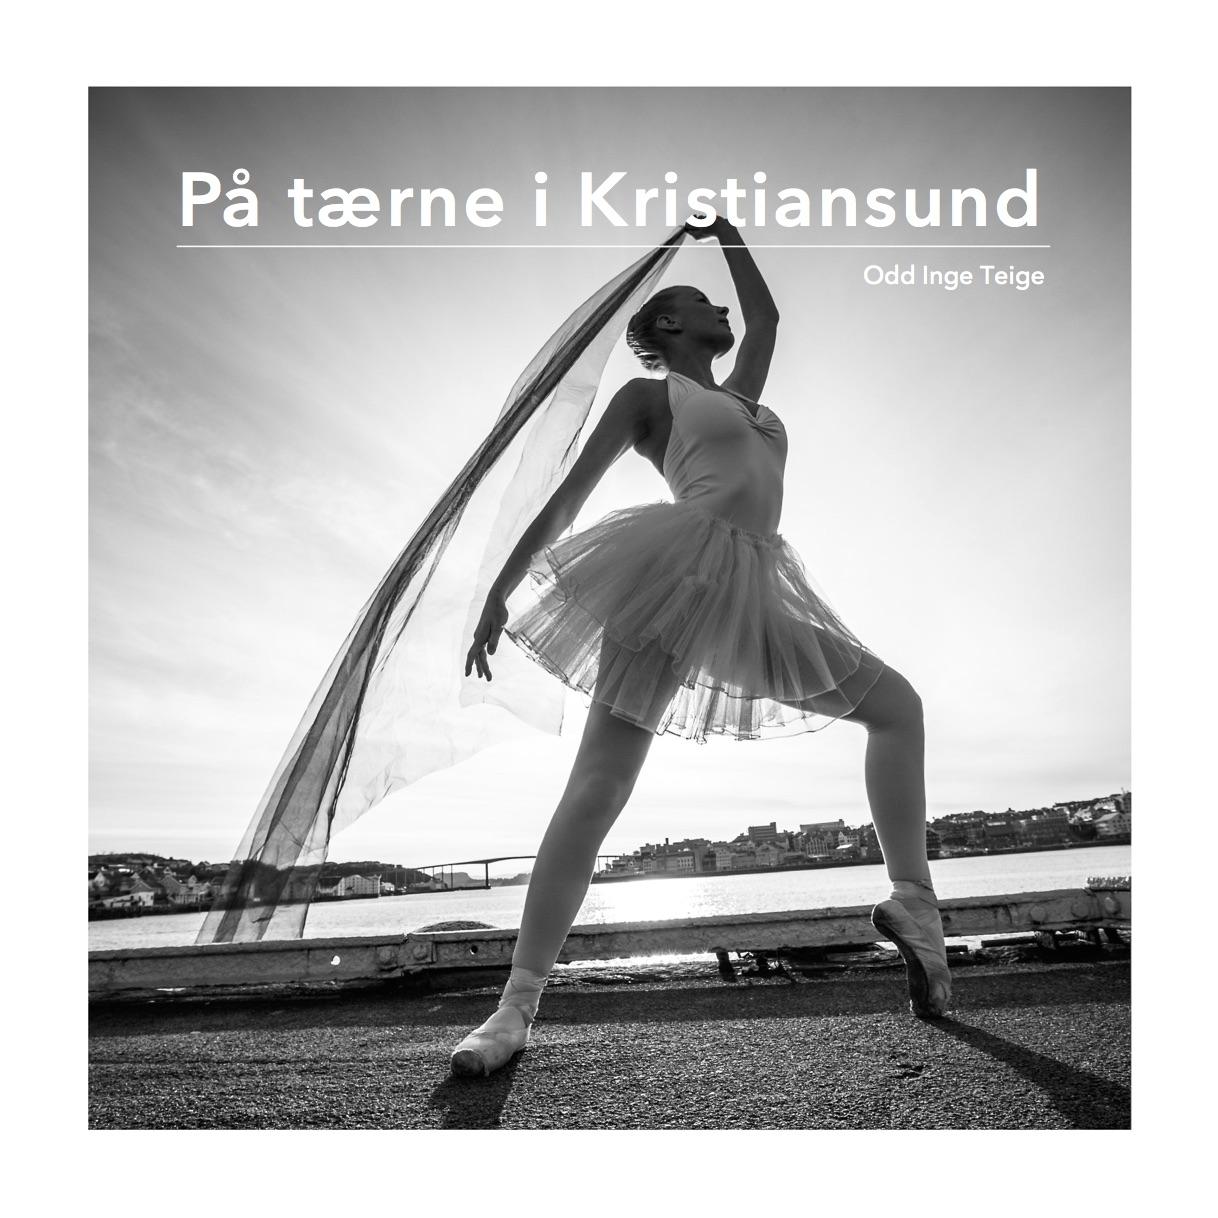 Boken er utdrag for et større fotoprosjekt som jeg gjennomførte i 2013-2014 i samarbeid med noen av de beste danserne ved Operaens Ballettsenter. Stylist: Karina Gregersen. Gaffer: Ragnar Hals. Kostymer: Operaen i Kristiansund.